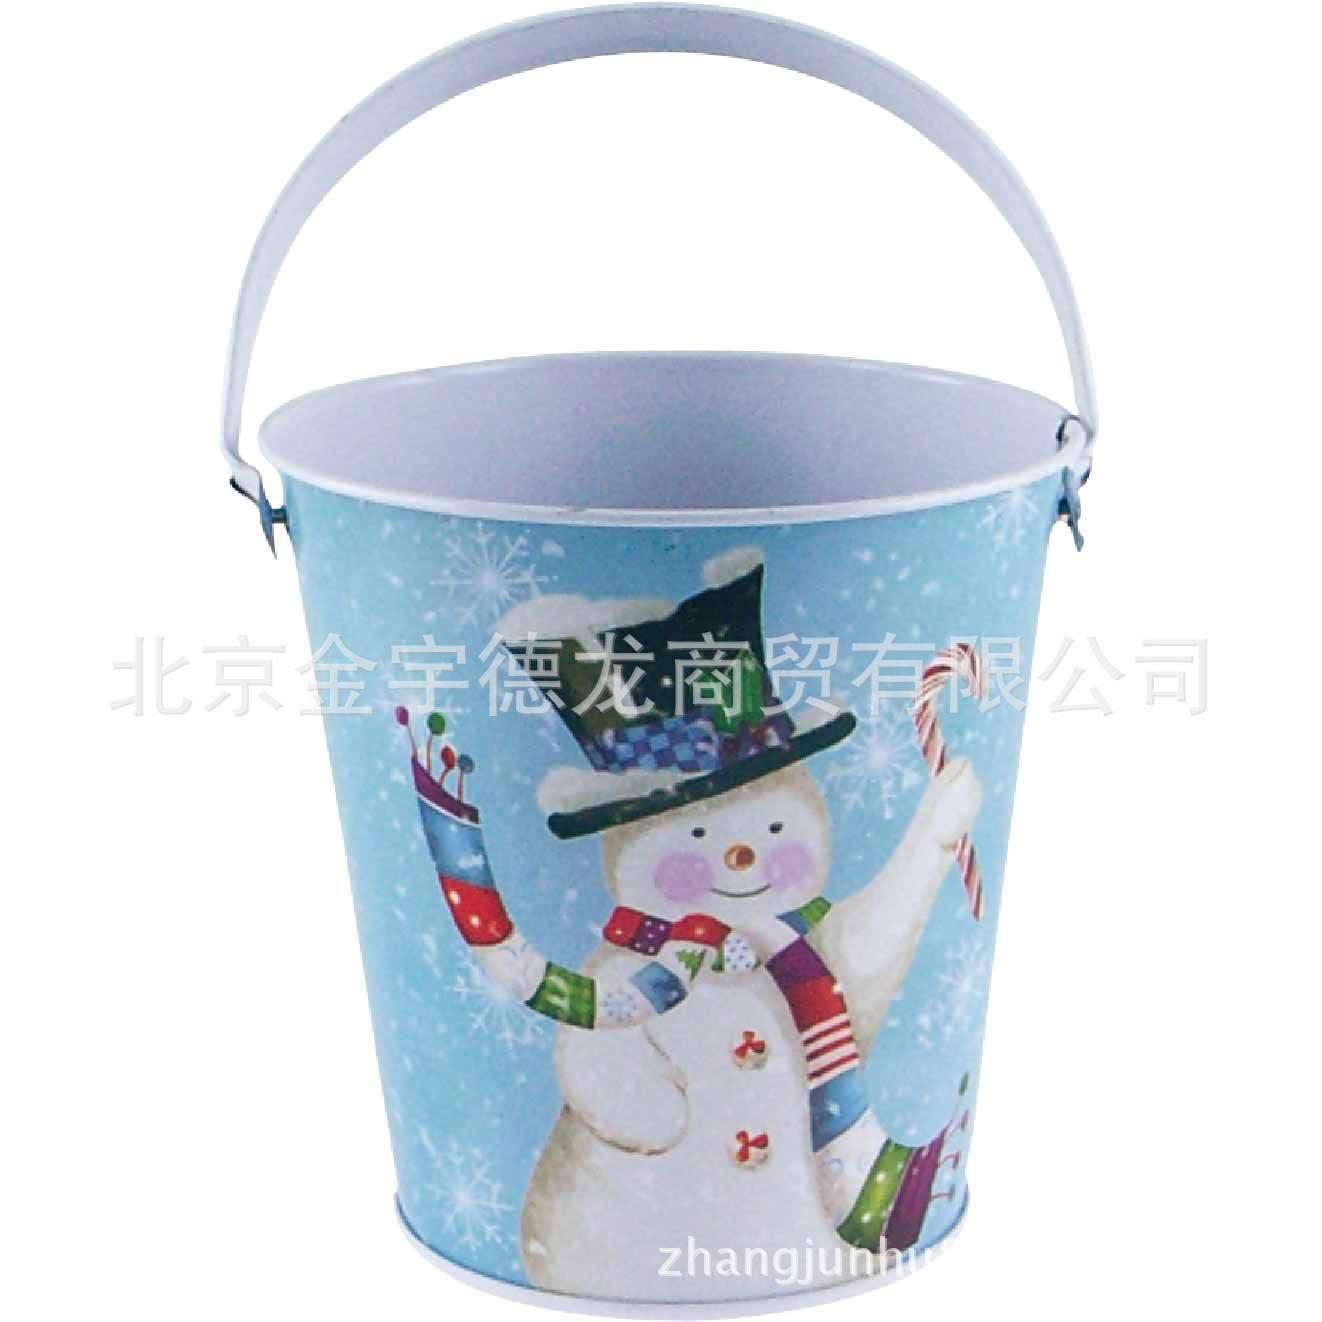 汽油桶柴油塑料汽油桶汽油发电机抽油机(进出口资质)